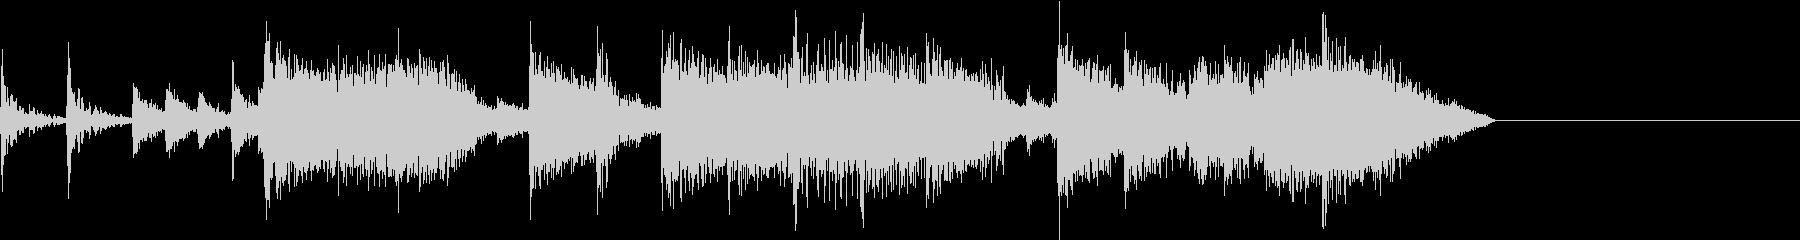 定番ロックサウンド調ジングルの未再生の波形